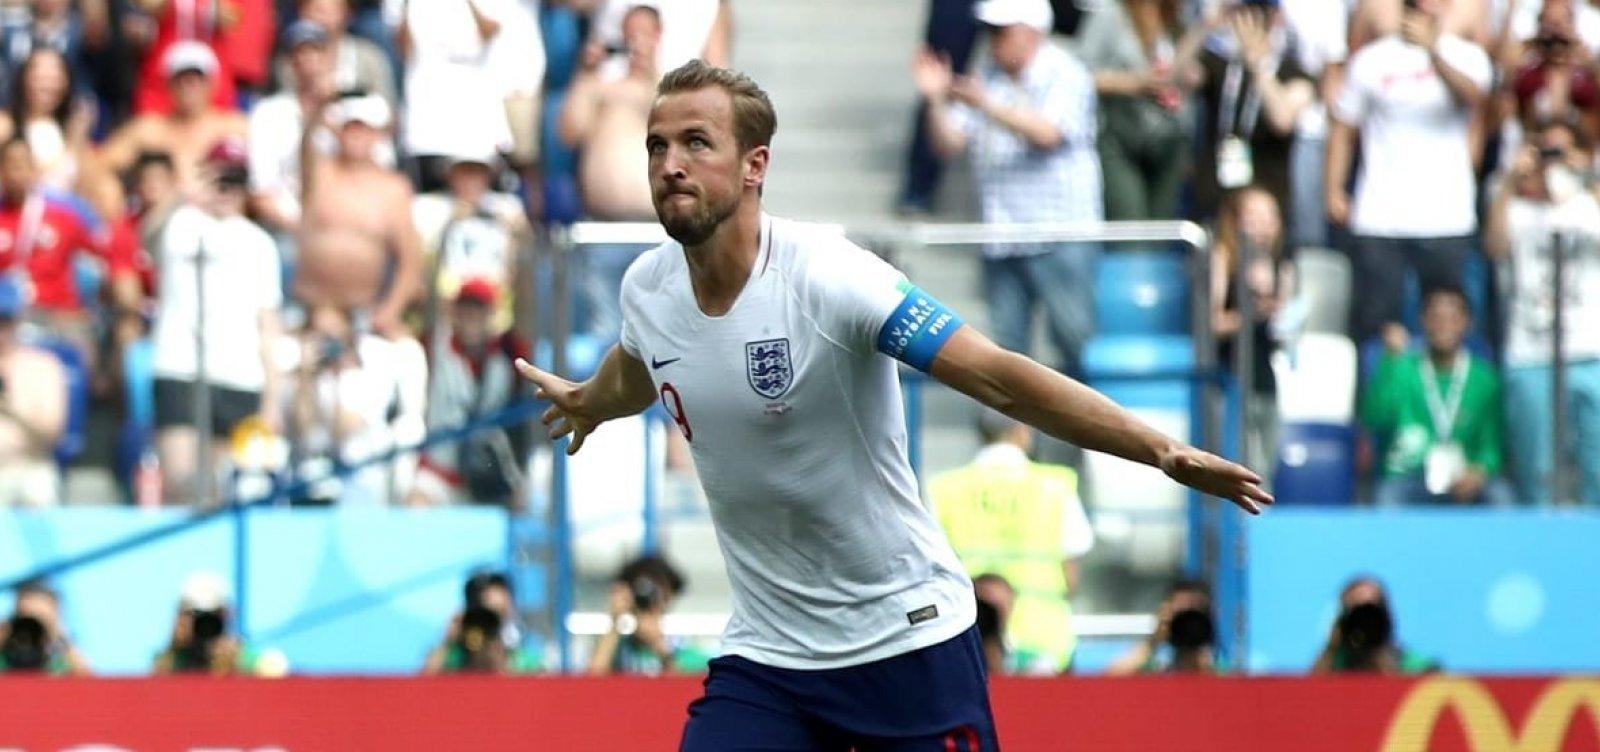 [Inglaterra atropela Panamá, garante classificação e vai definir liderança com a Bélgica]